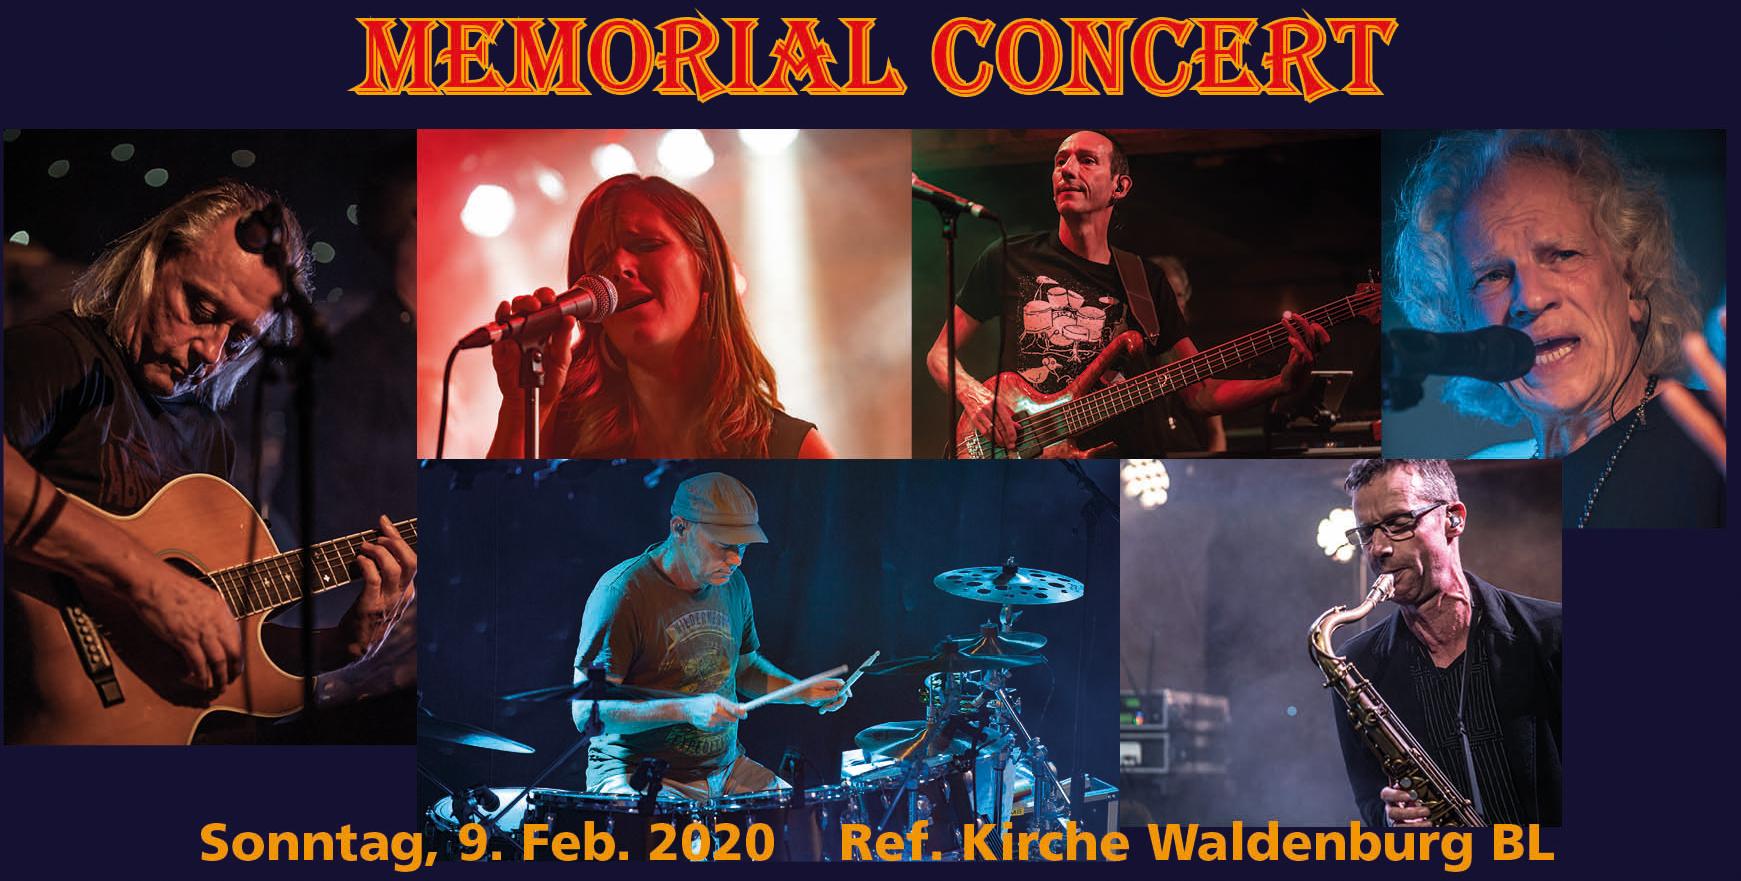 Irrwisch Memorial Concert edit03